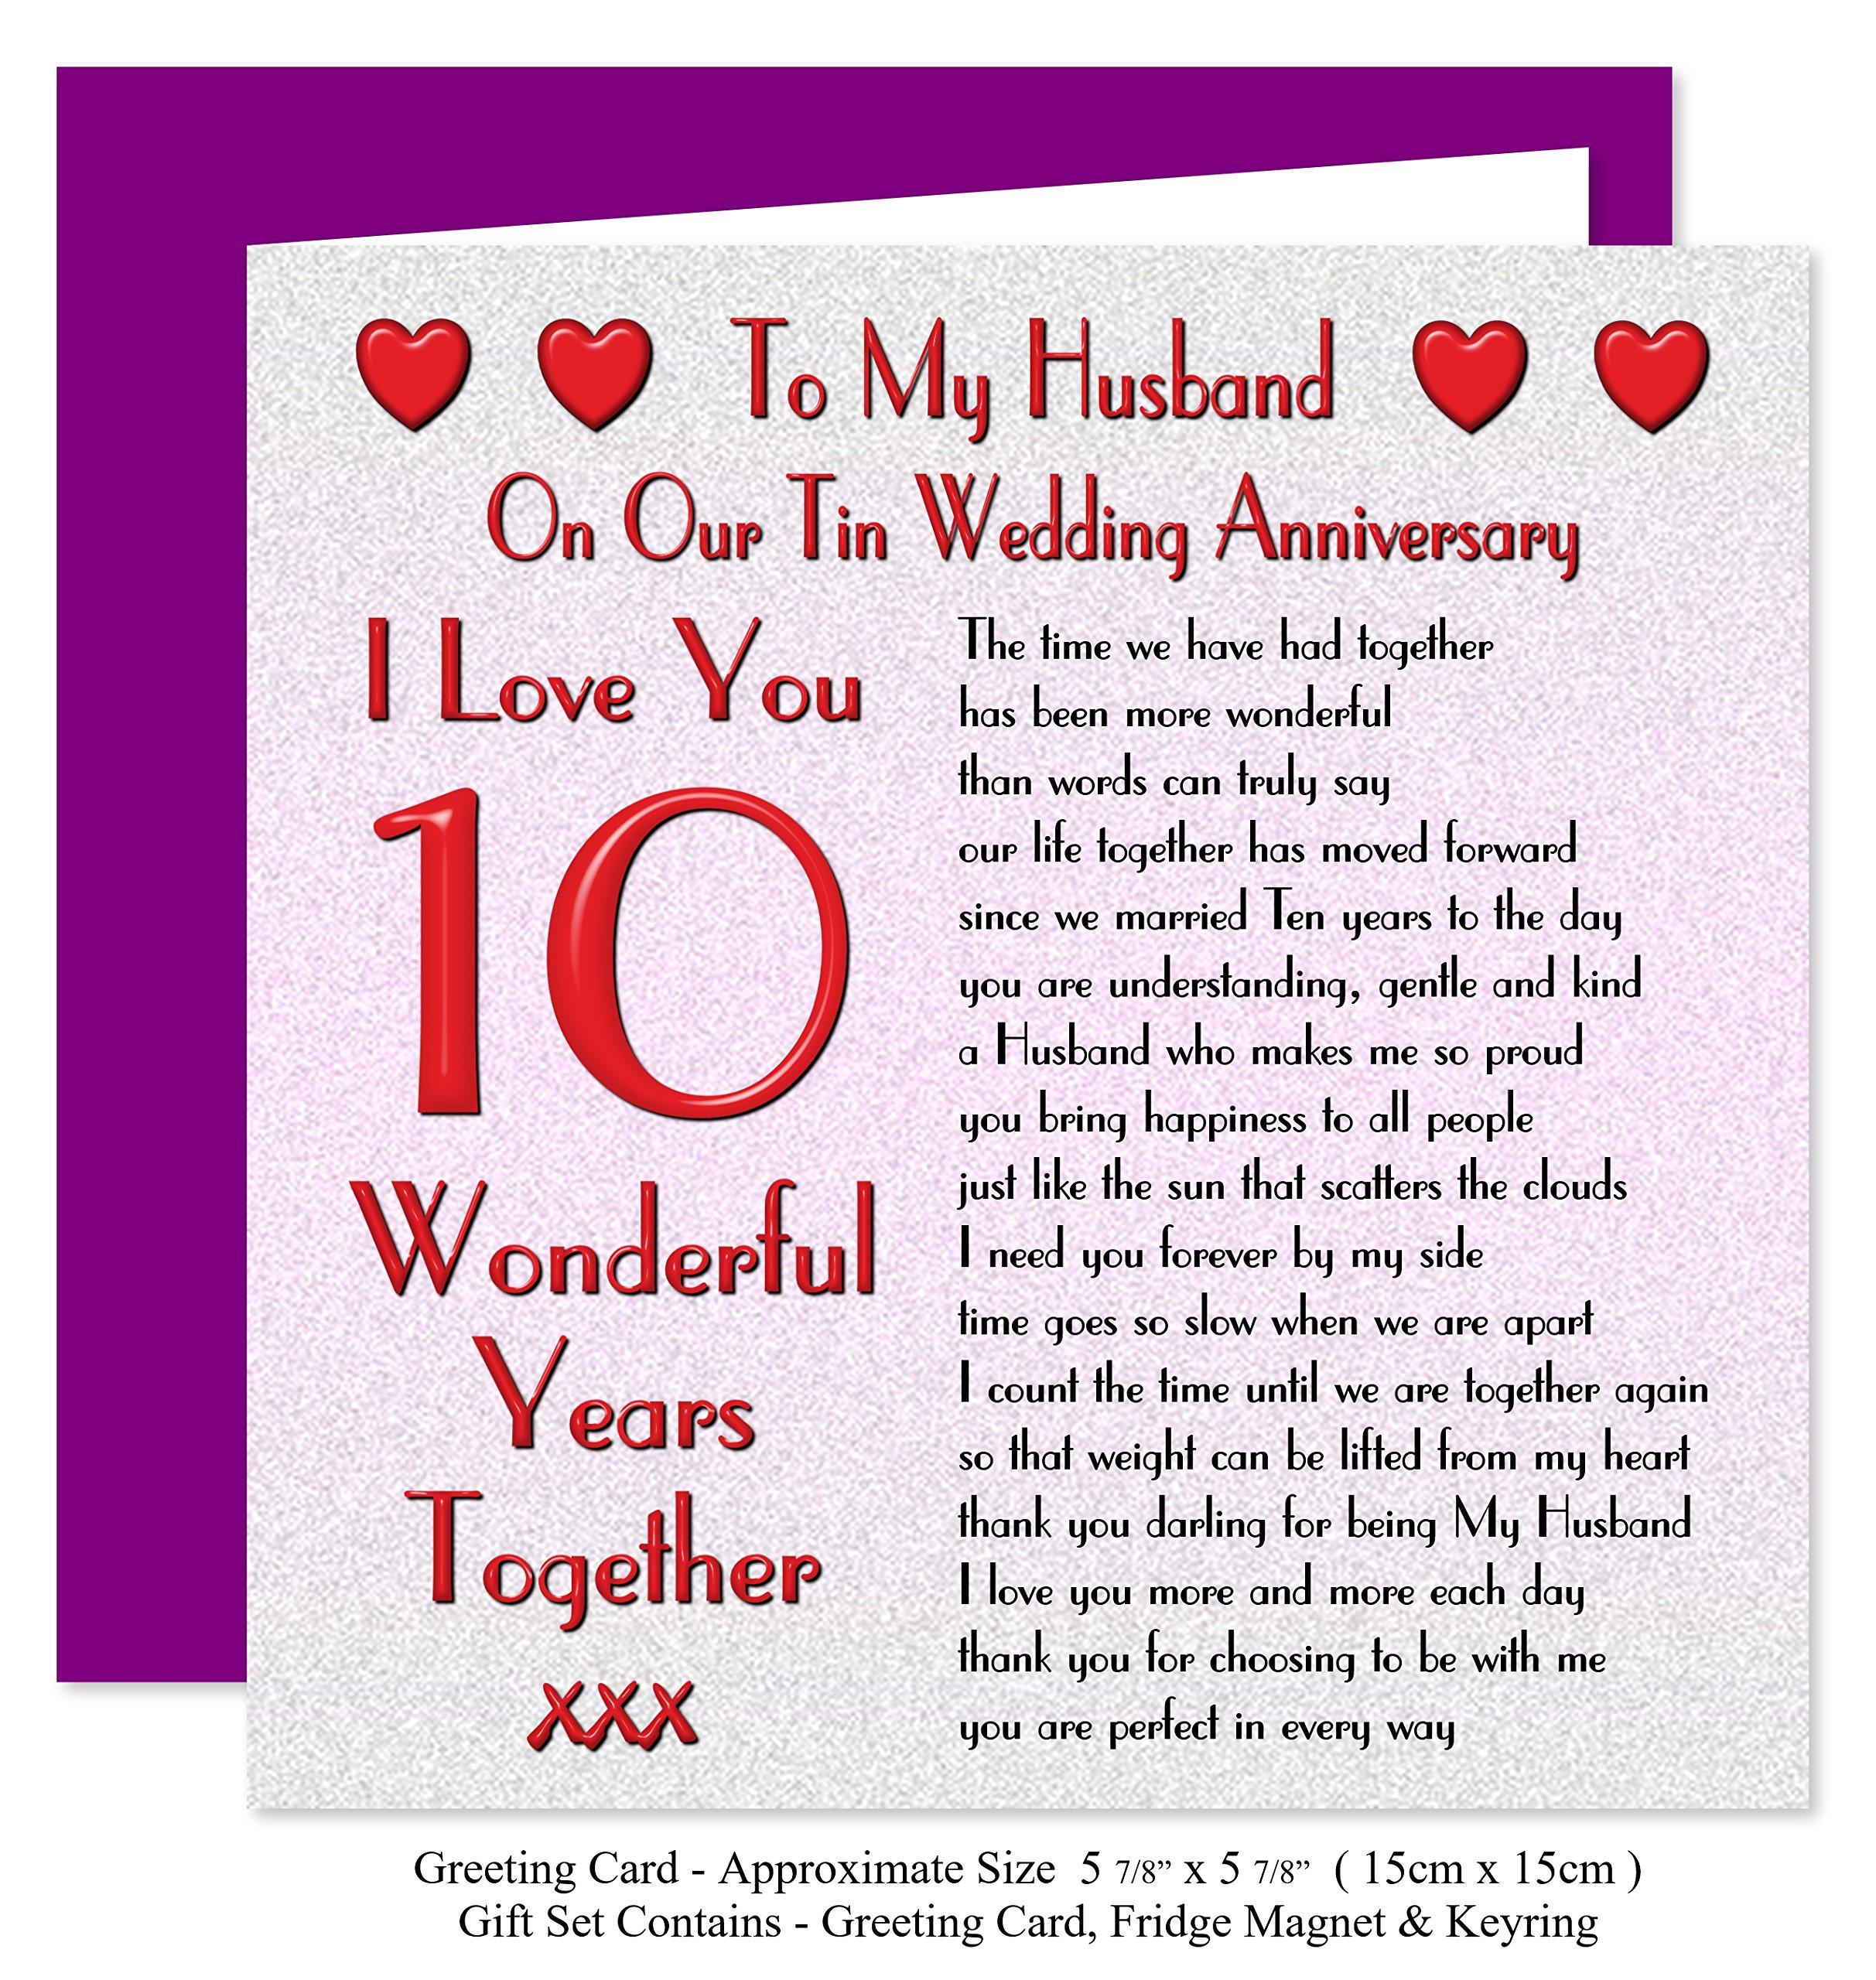 My Husband 10th Wedding Anniversary Gift Buy Online In Botswana At Desertcart